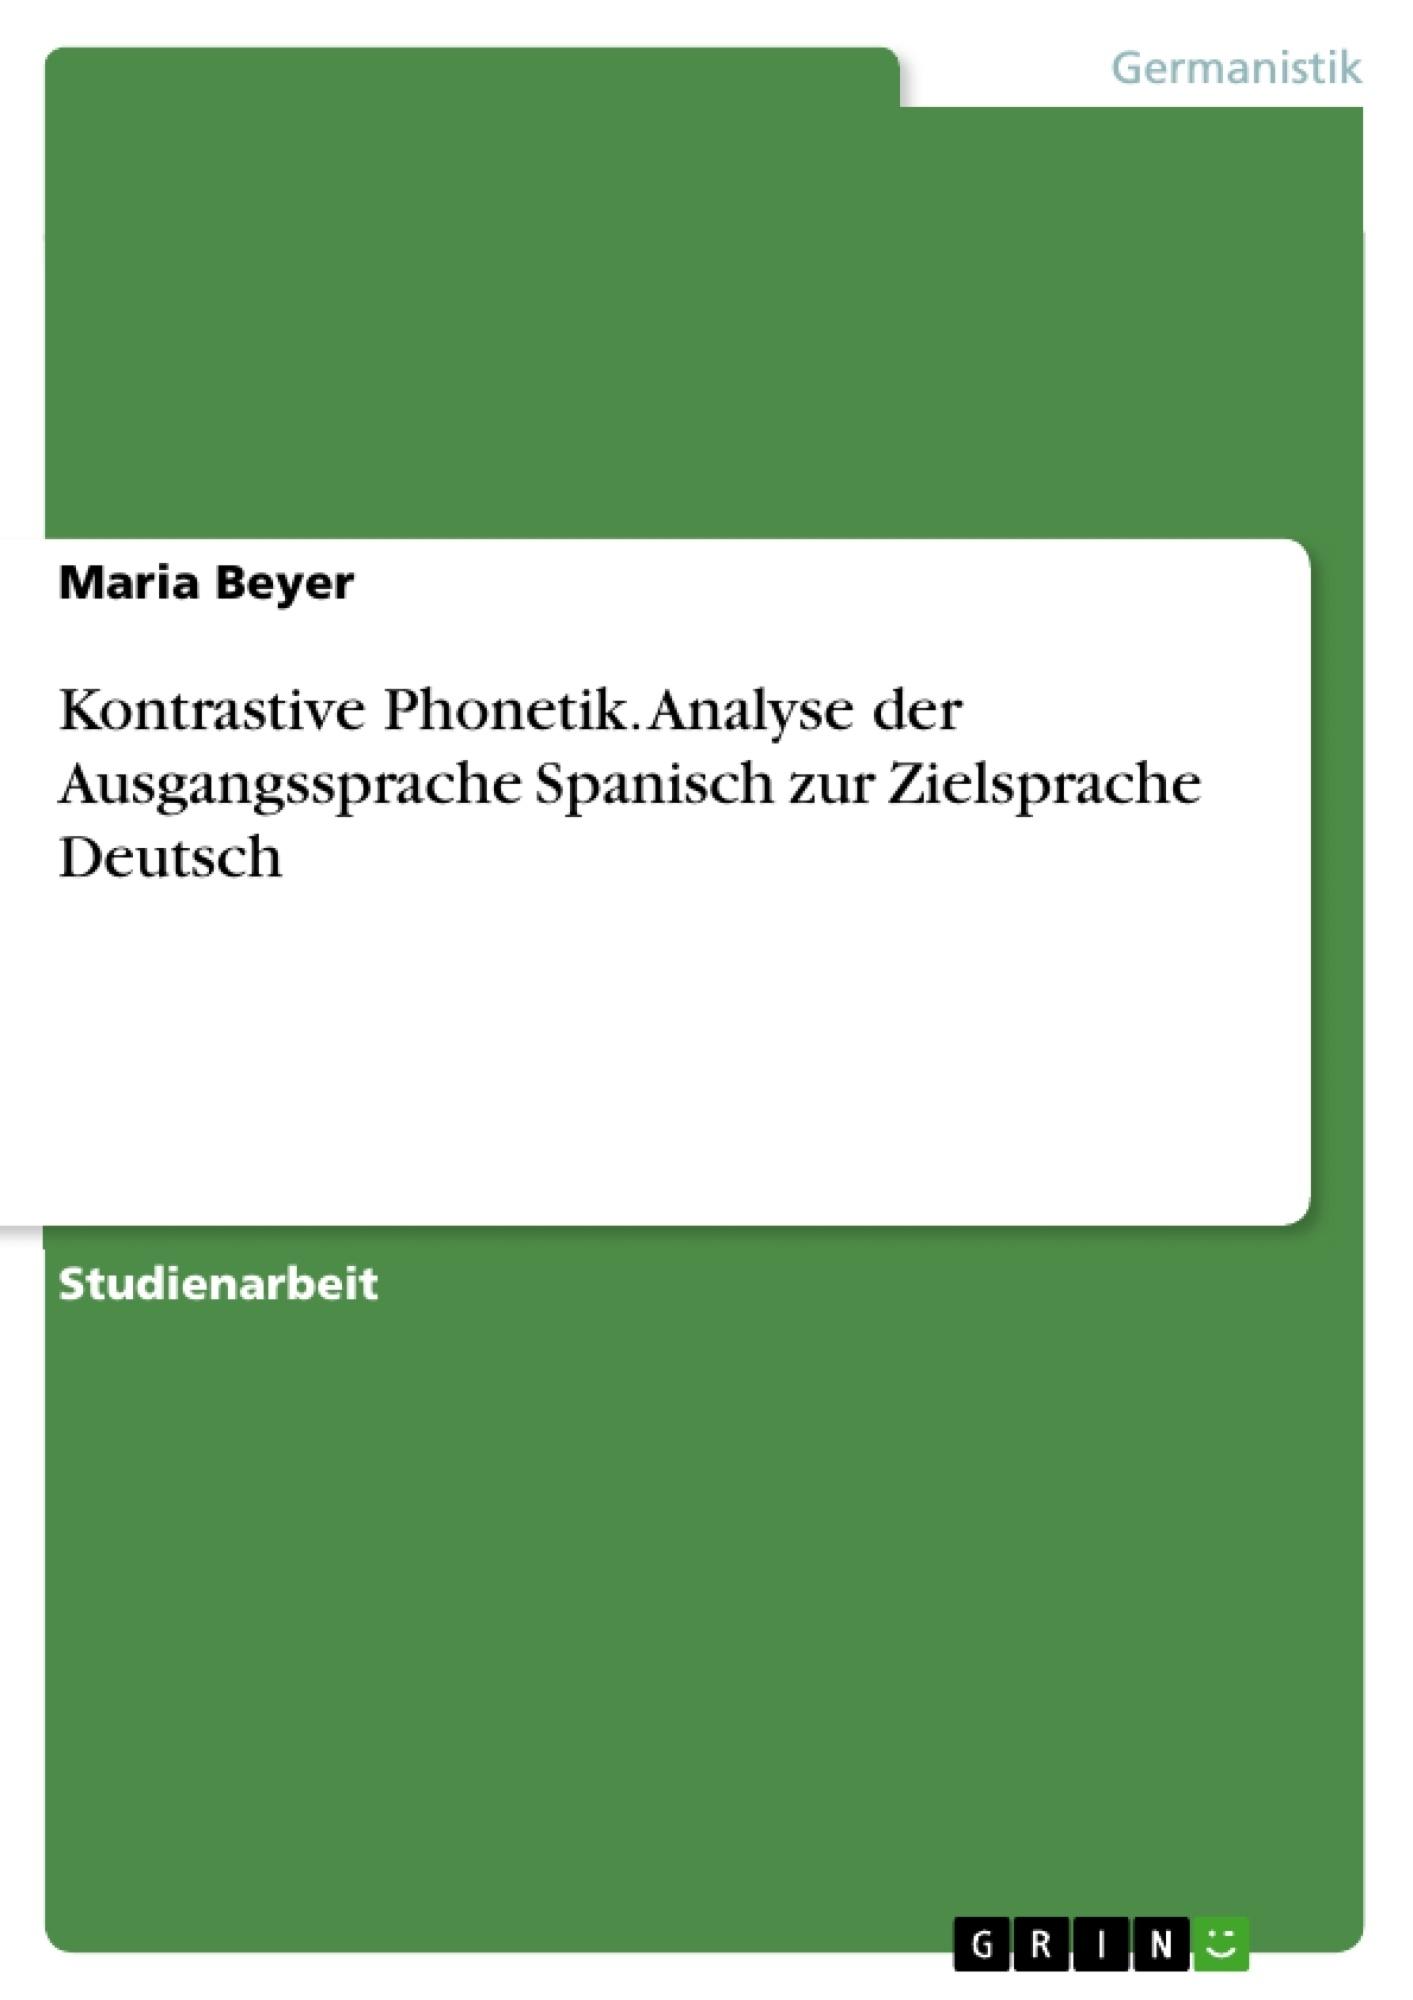 Titel: Kontrastive Phonetik. Analyse der Ausgangssprache Spanisch zur Zielsprache Deutsch